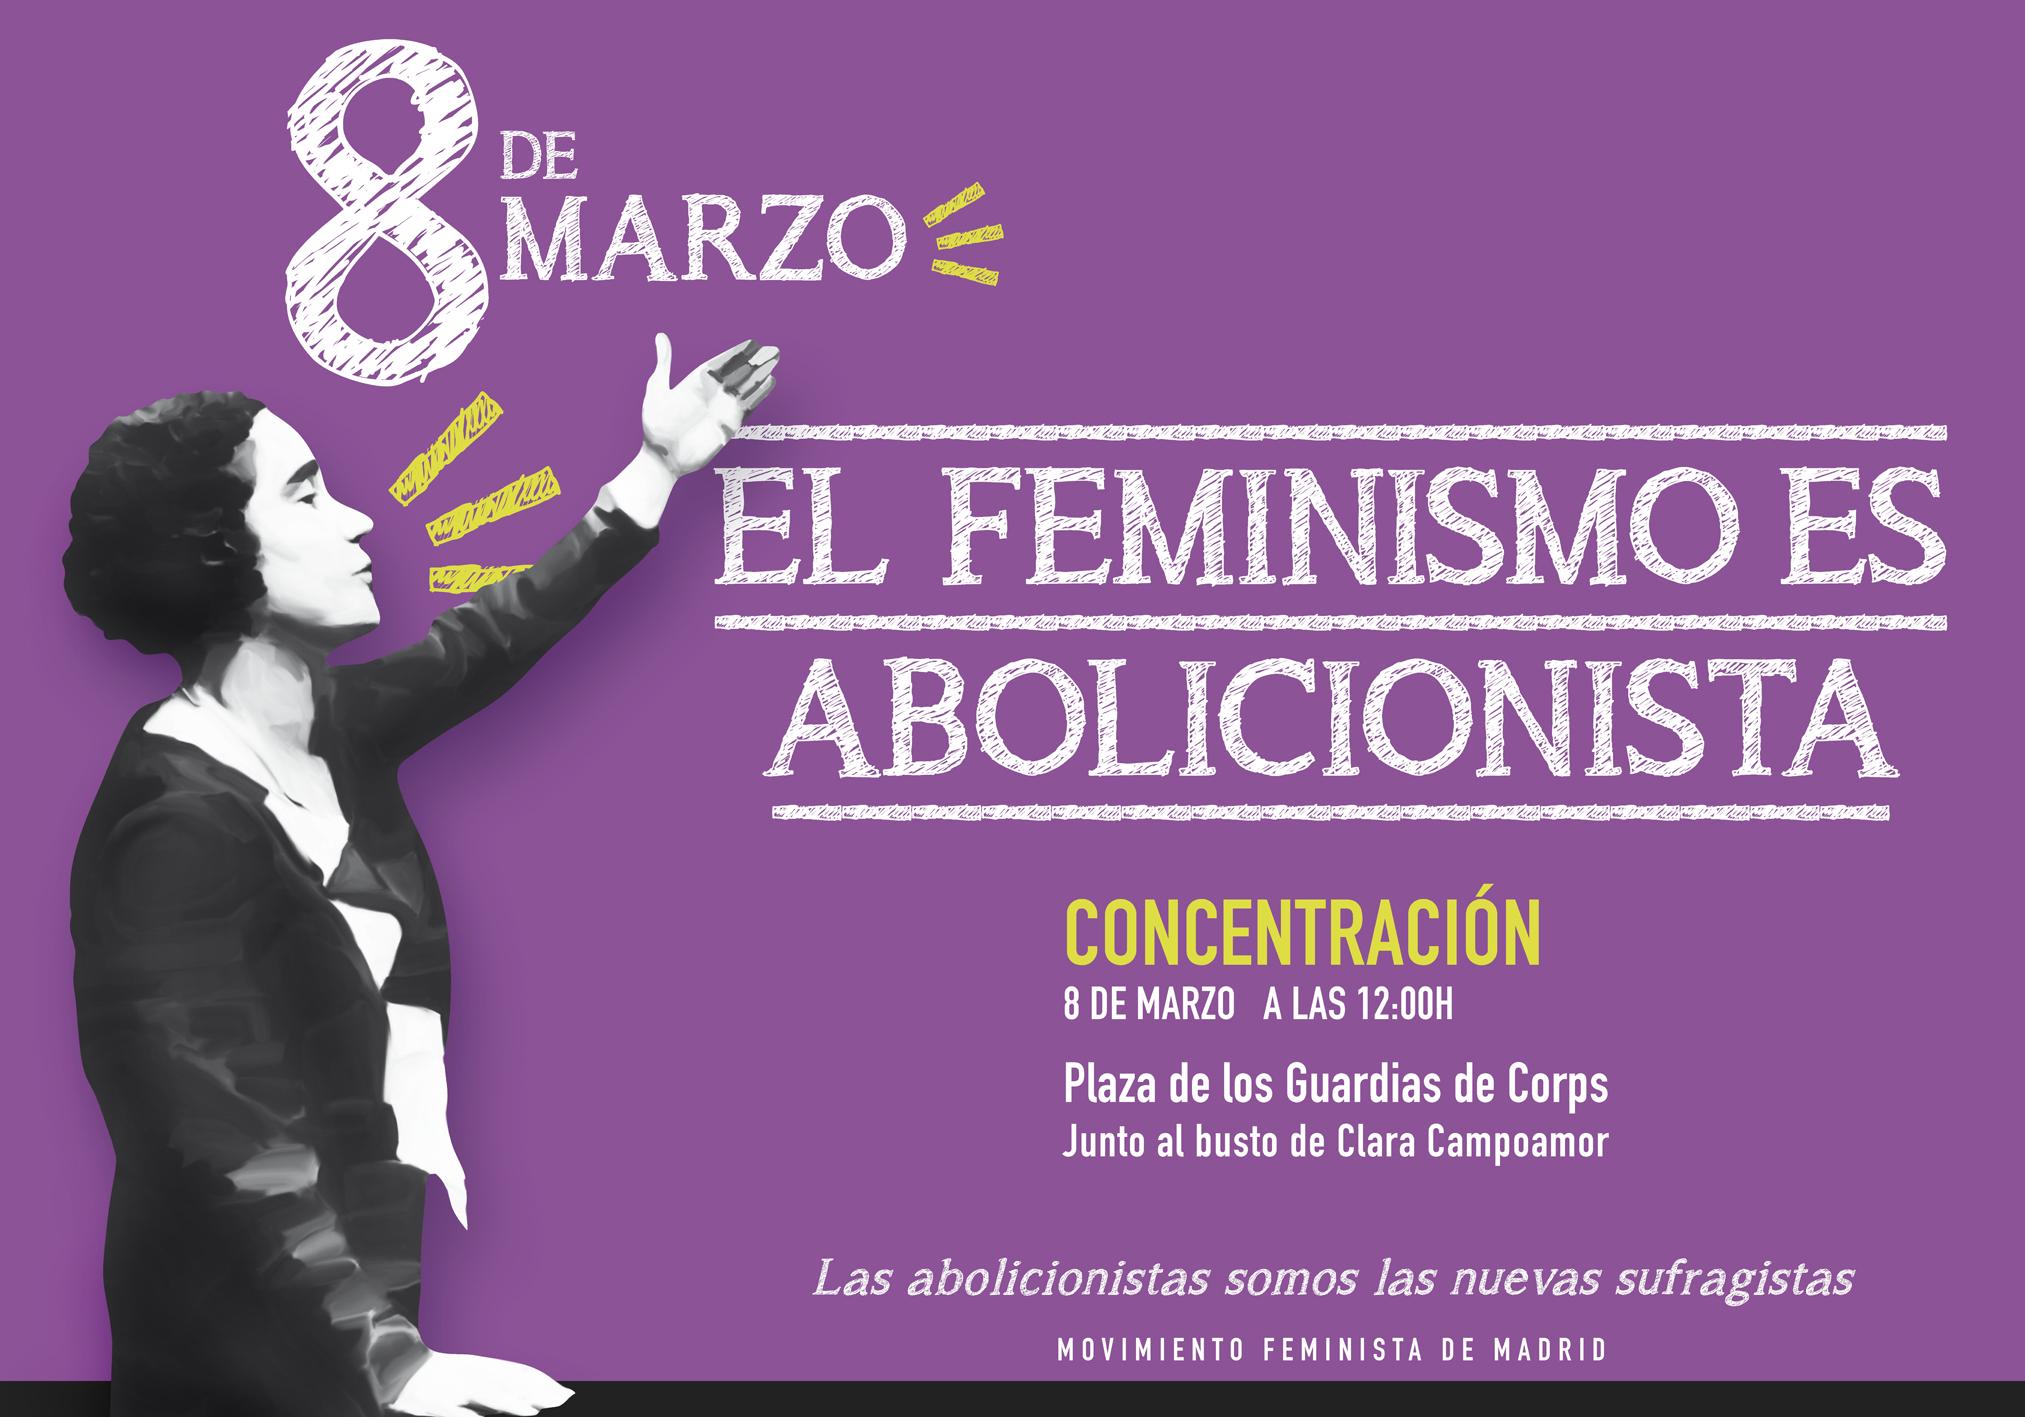 Abolicionismo Del Porno 8m abolicionista 2020 - separadas y divorciadas